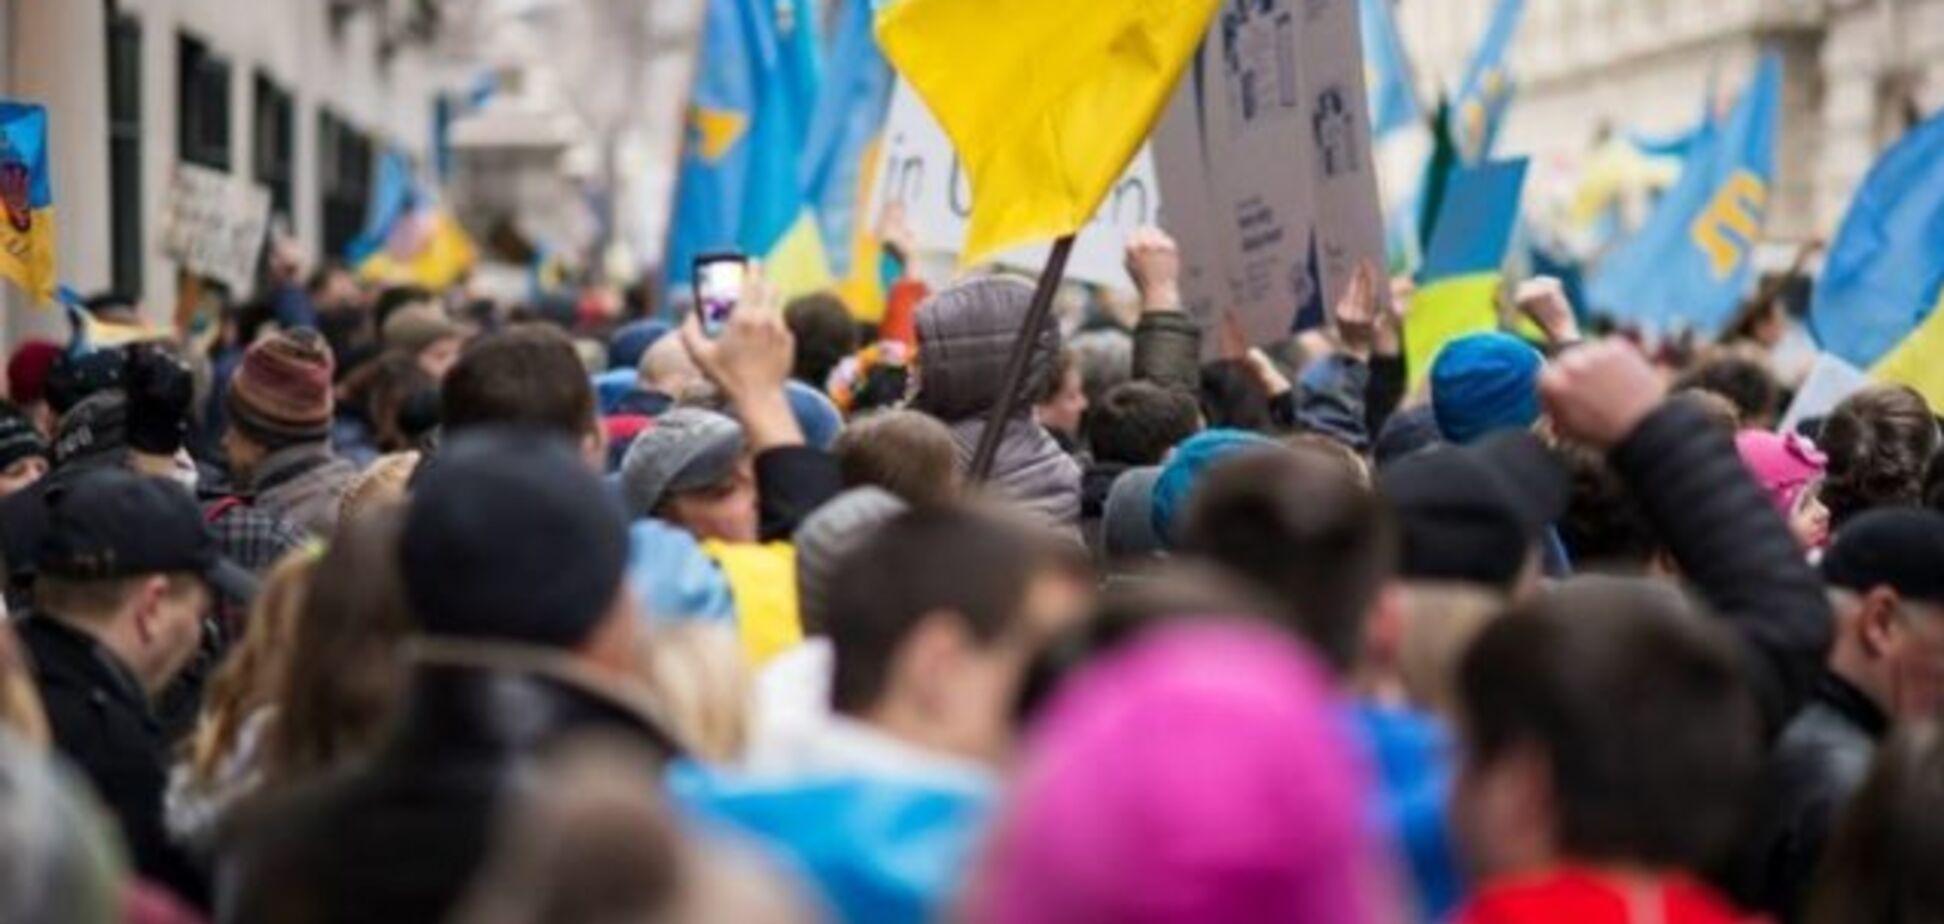 Українці хочуть халяви і видовищ, бажано на панятном язикє